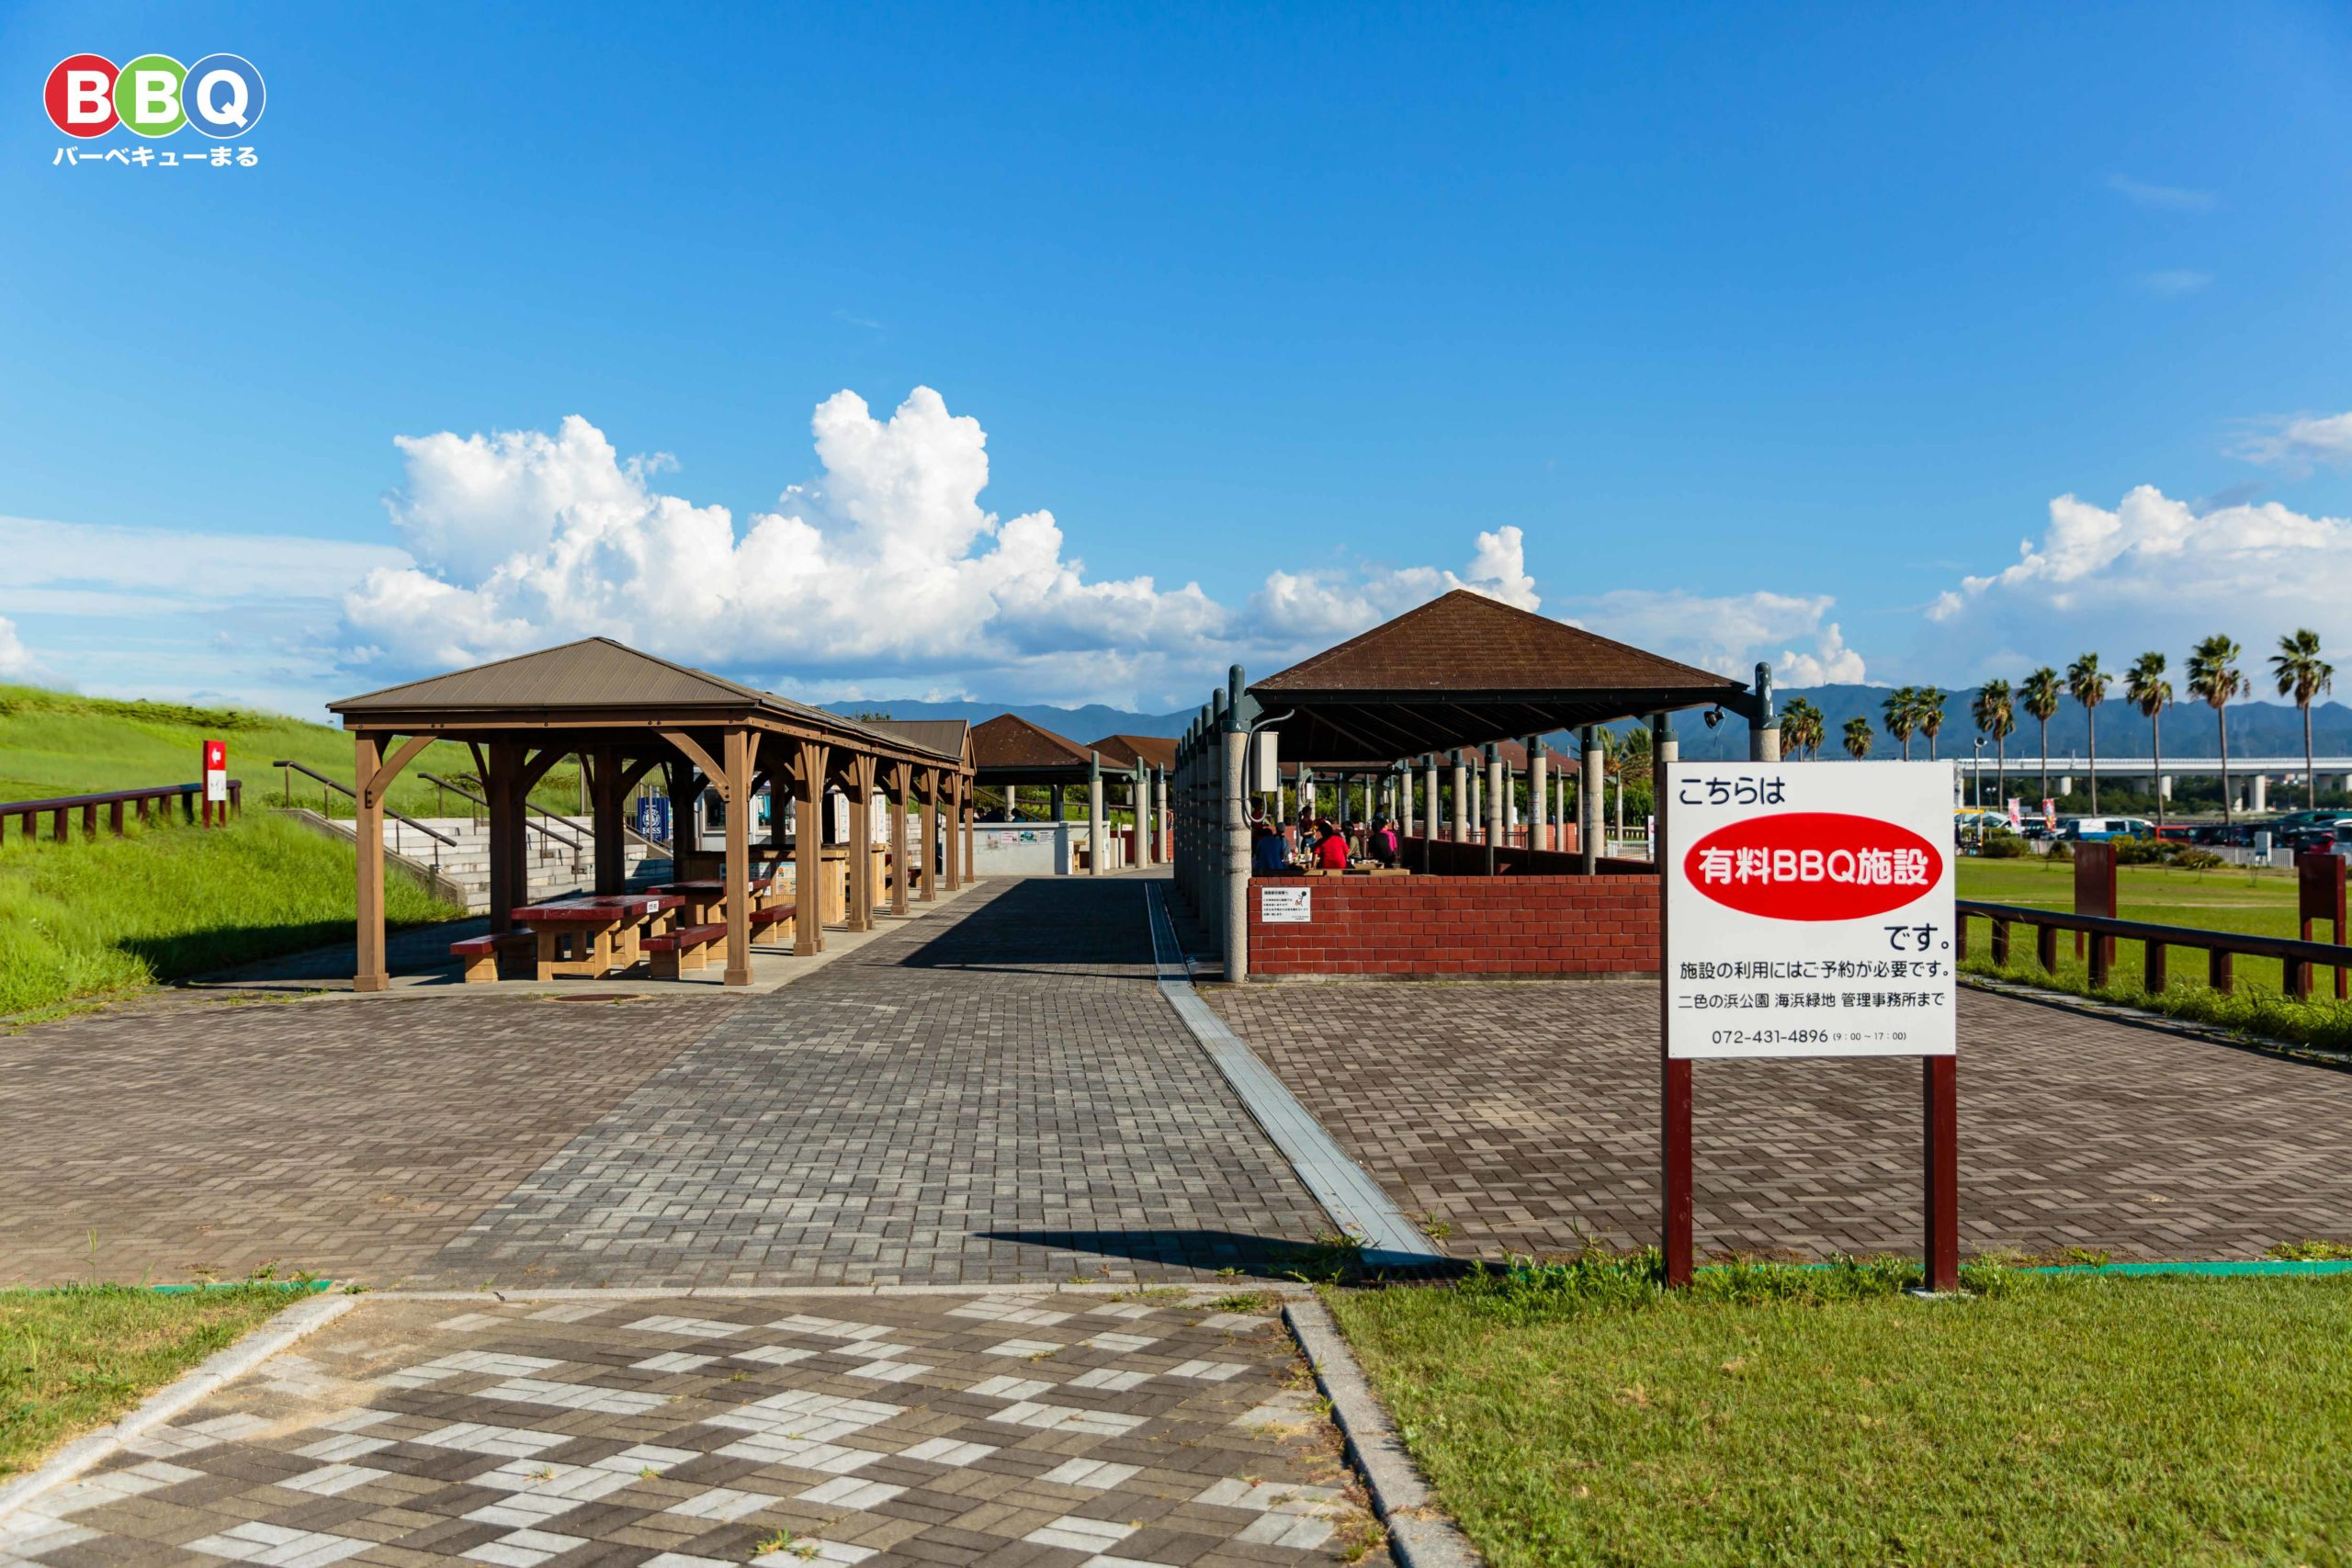 二色の浜公園海浜緑地有料BBQ施設の看板